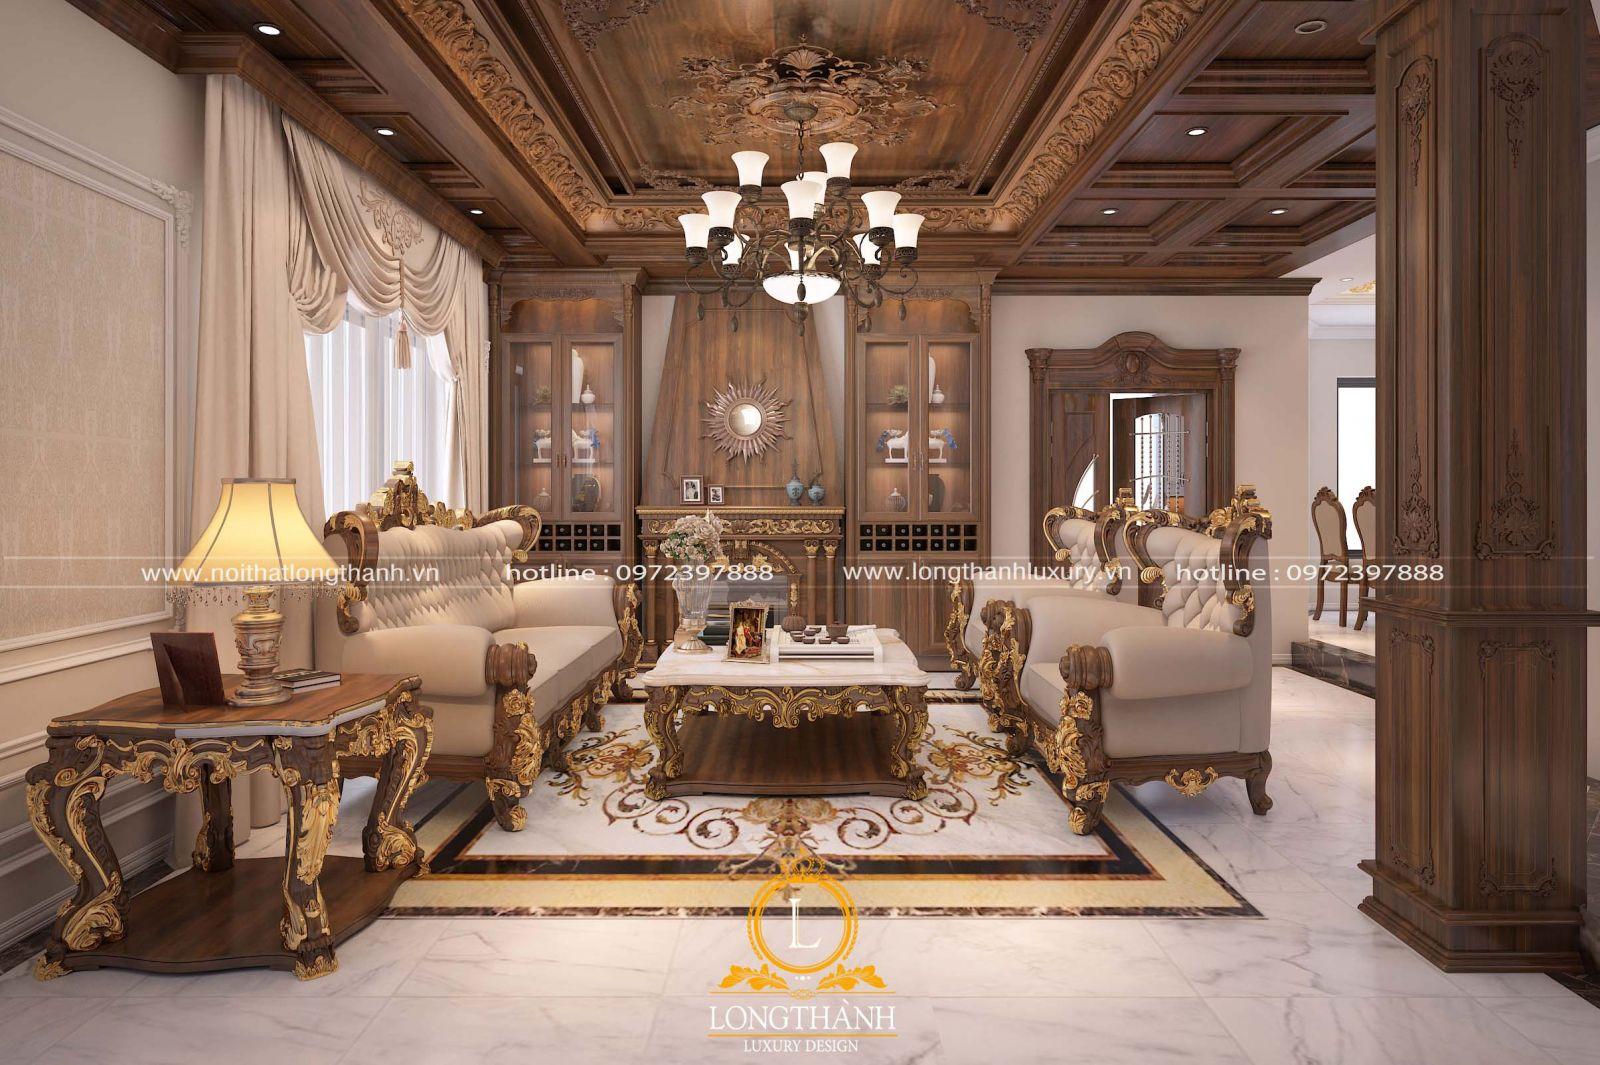 Thiết kế nội thất đẹp cho phòng khách biệt thự mini